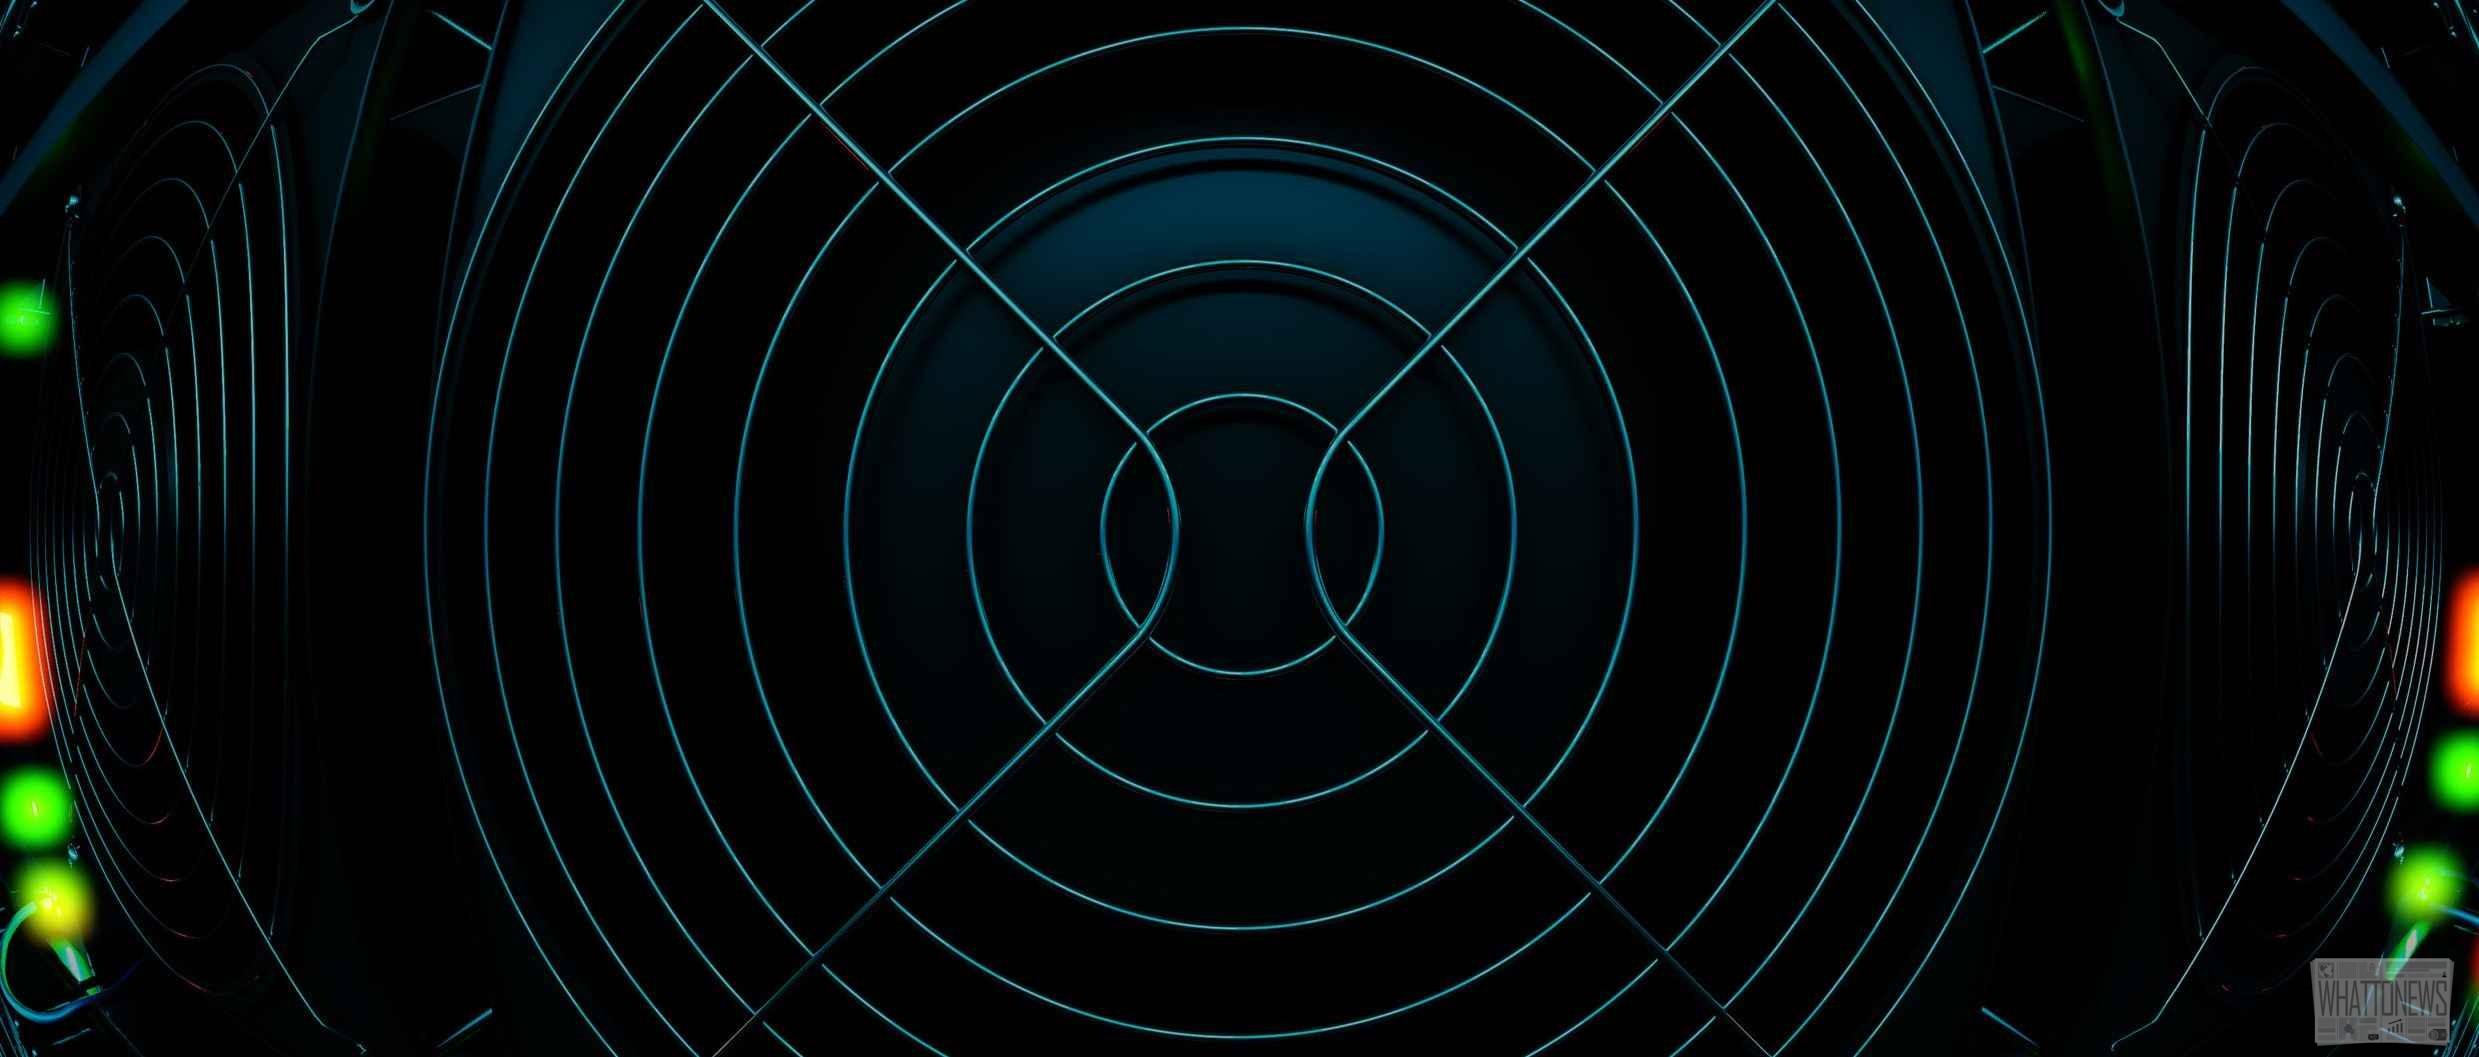 Программы для криптомайнинга – лидеры среди вредоносного ПО